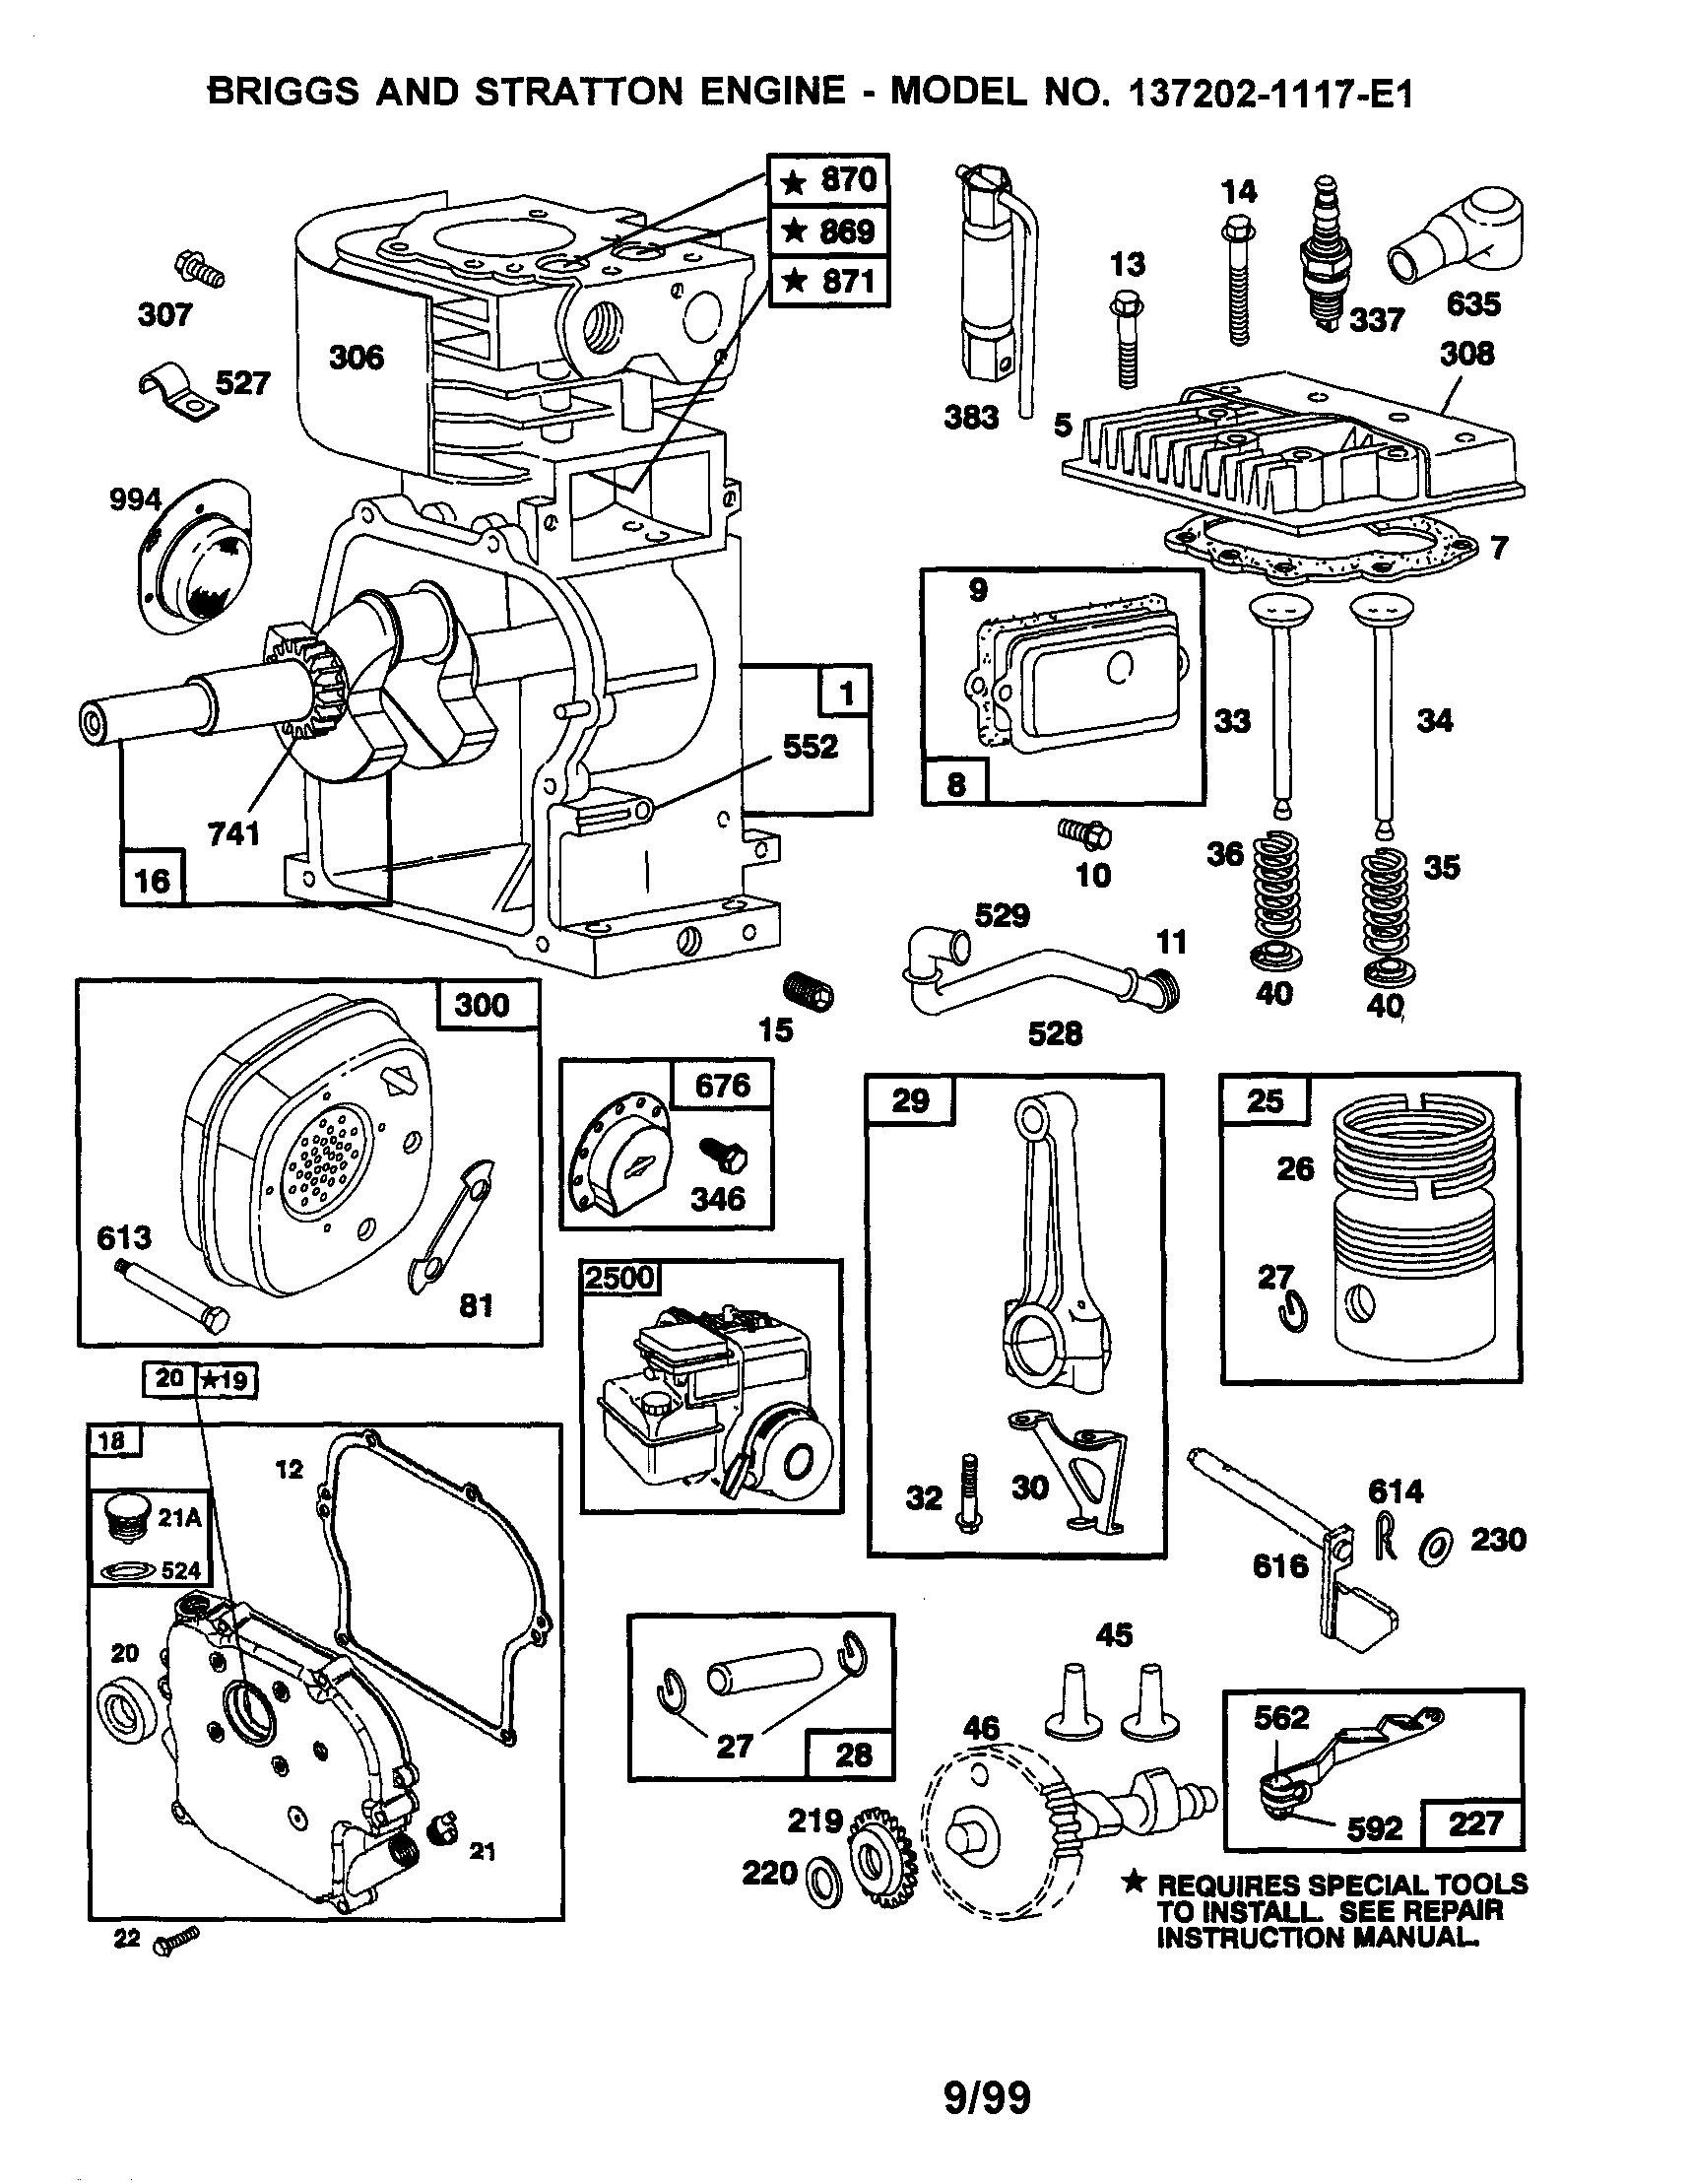 Briggs and Stratton Parts Diagrams Briggs and Stratton 550ex Parts Diagram Of Briggs and Stratton Parts Diagrams